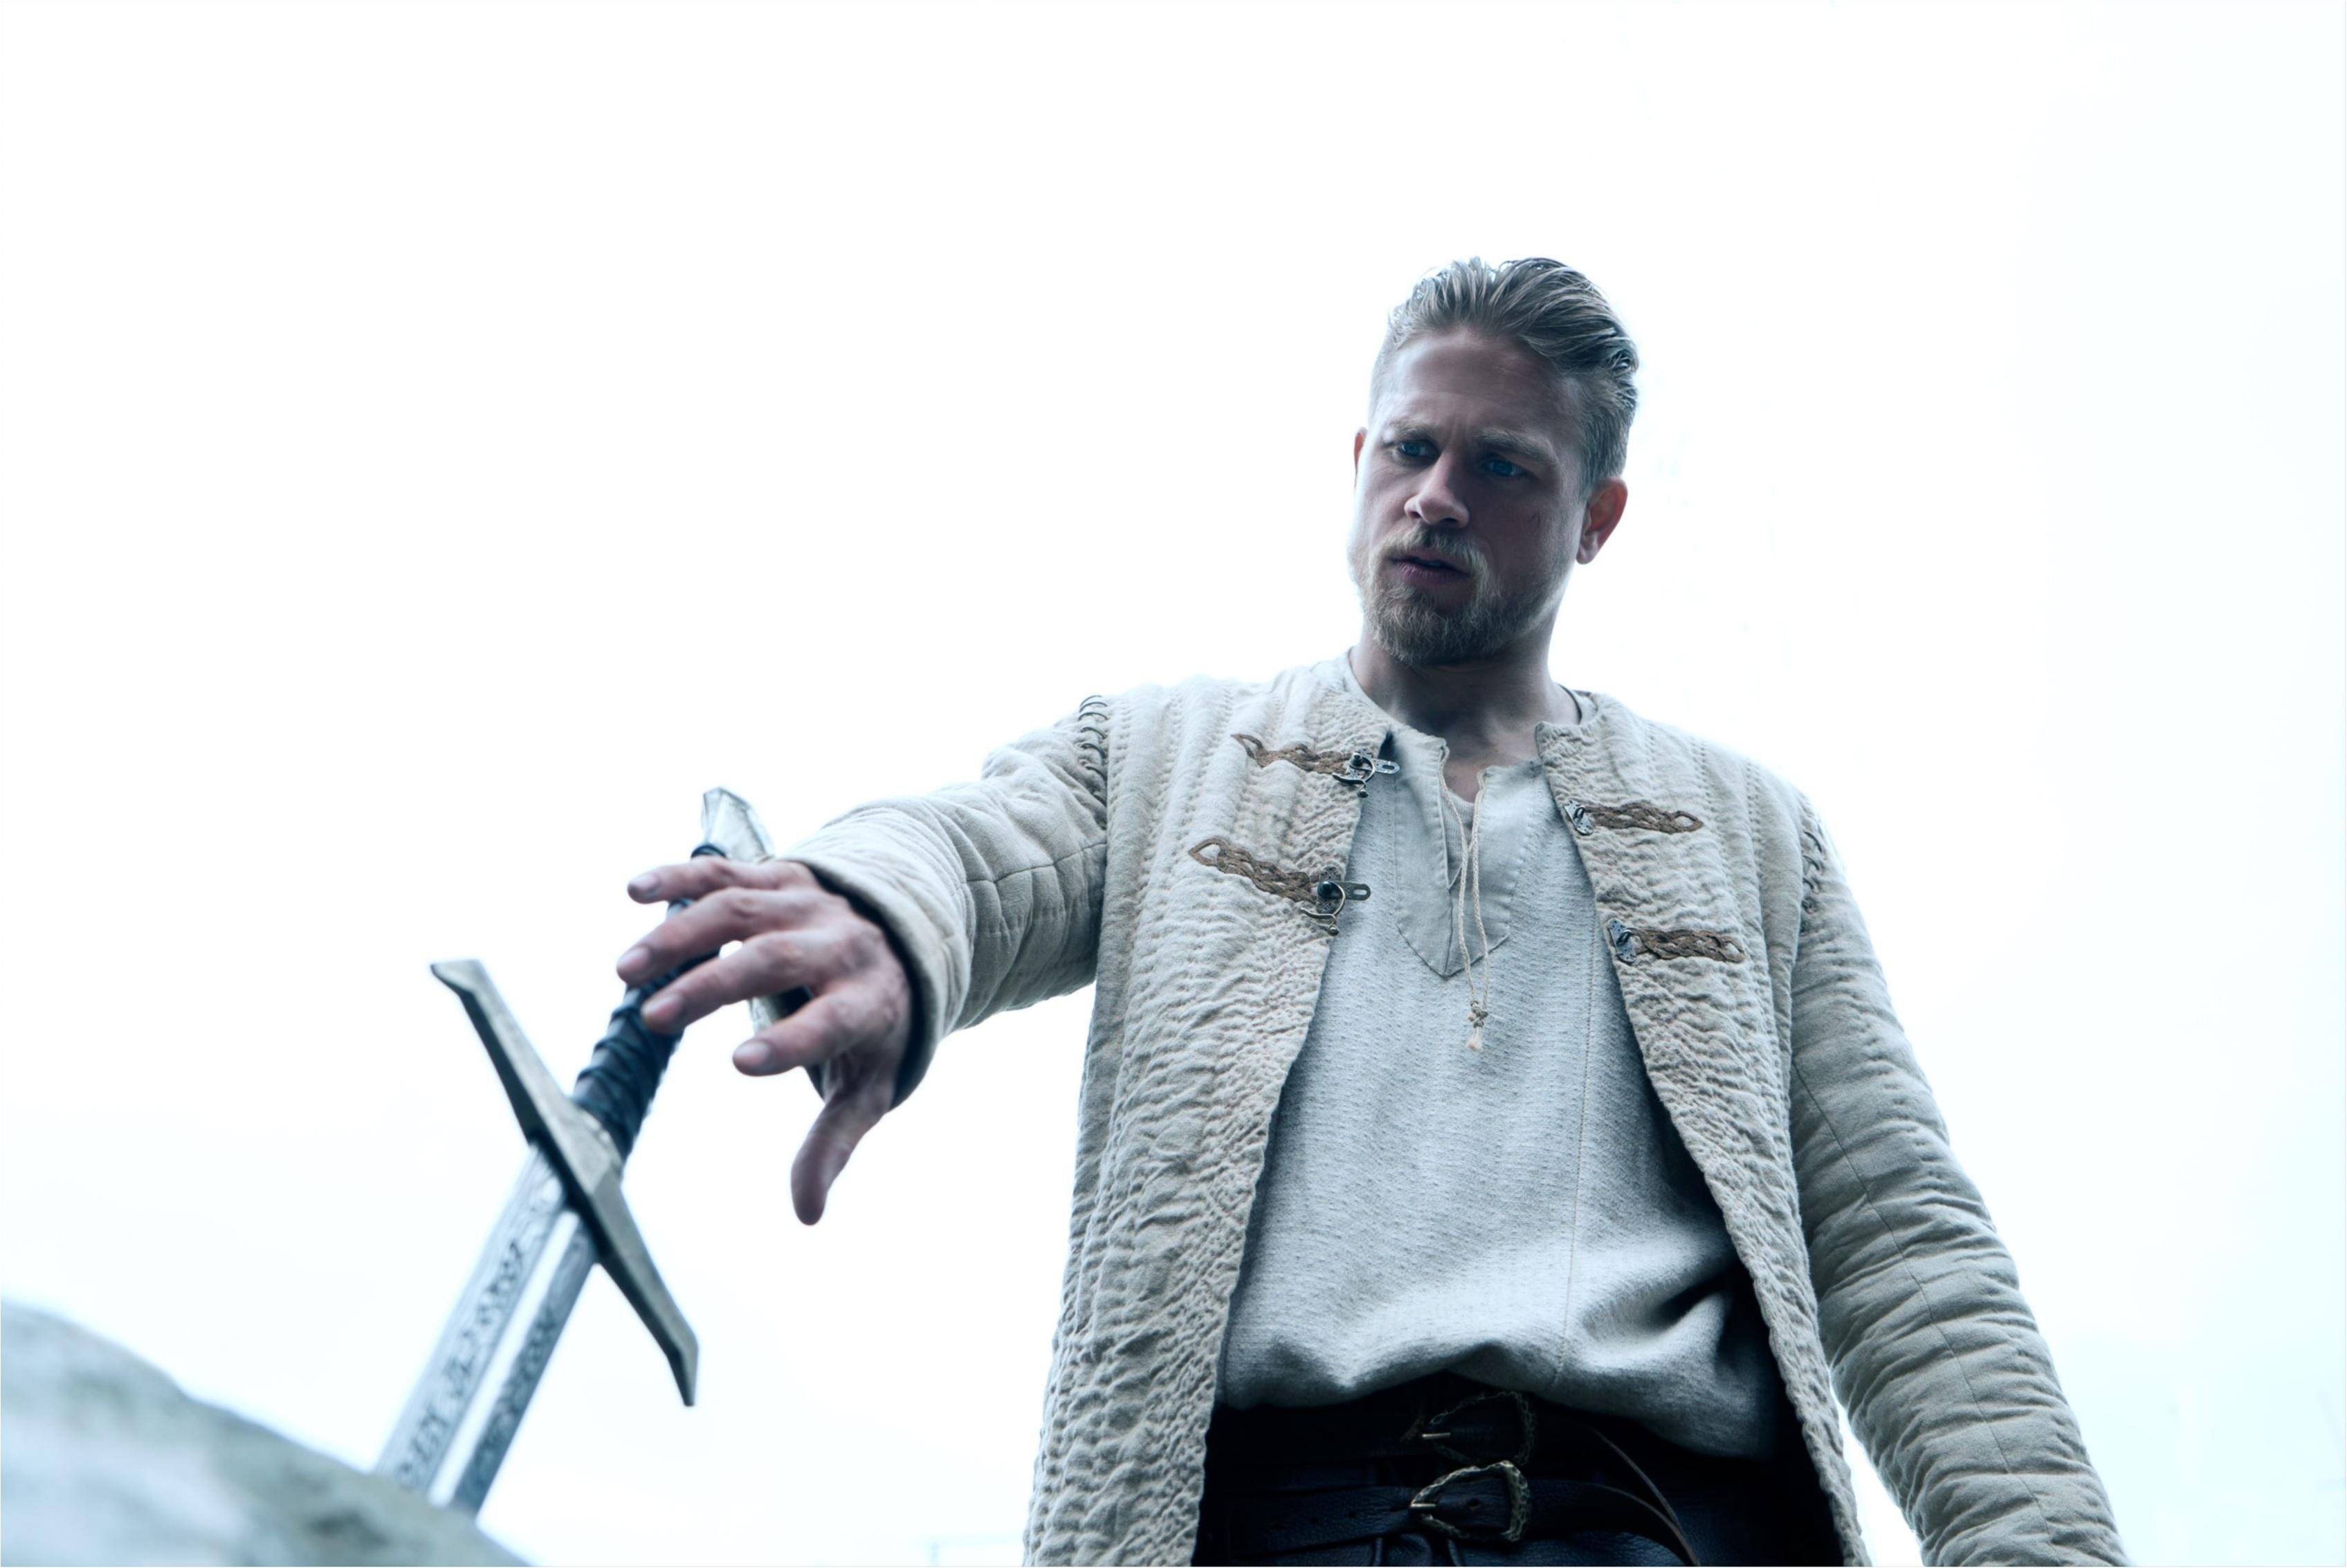 イギリスのイケメン俳優、チャーリー・ハナムの筋肉美にうっとり♡ 映画『キング・アーサー』_1